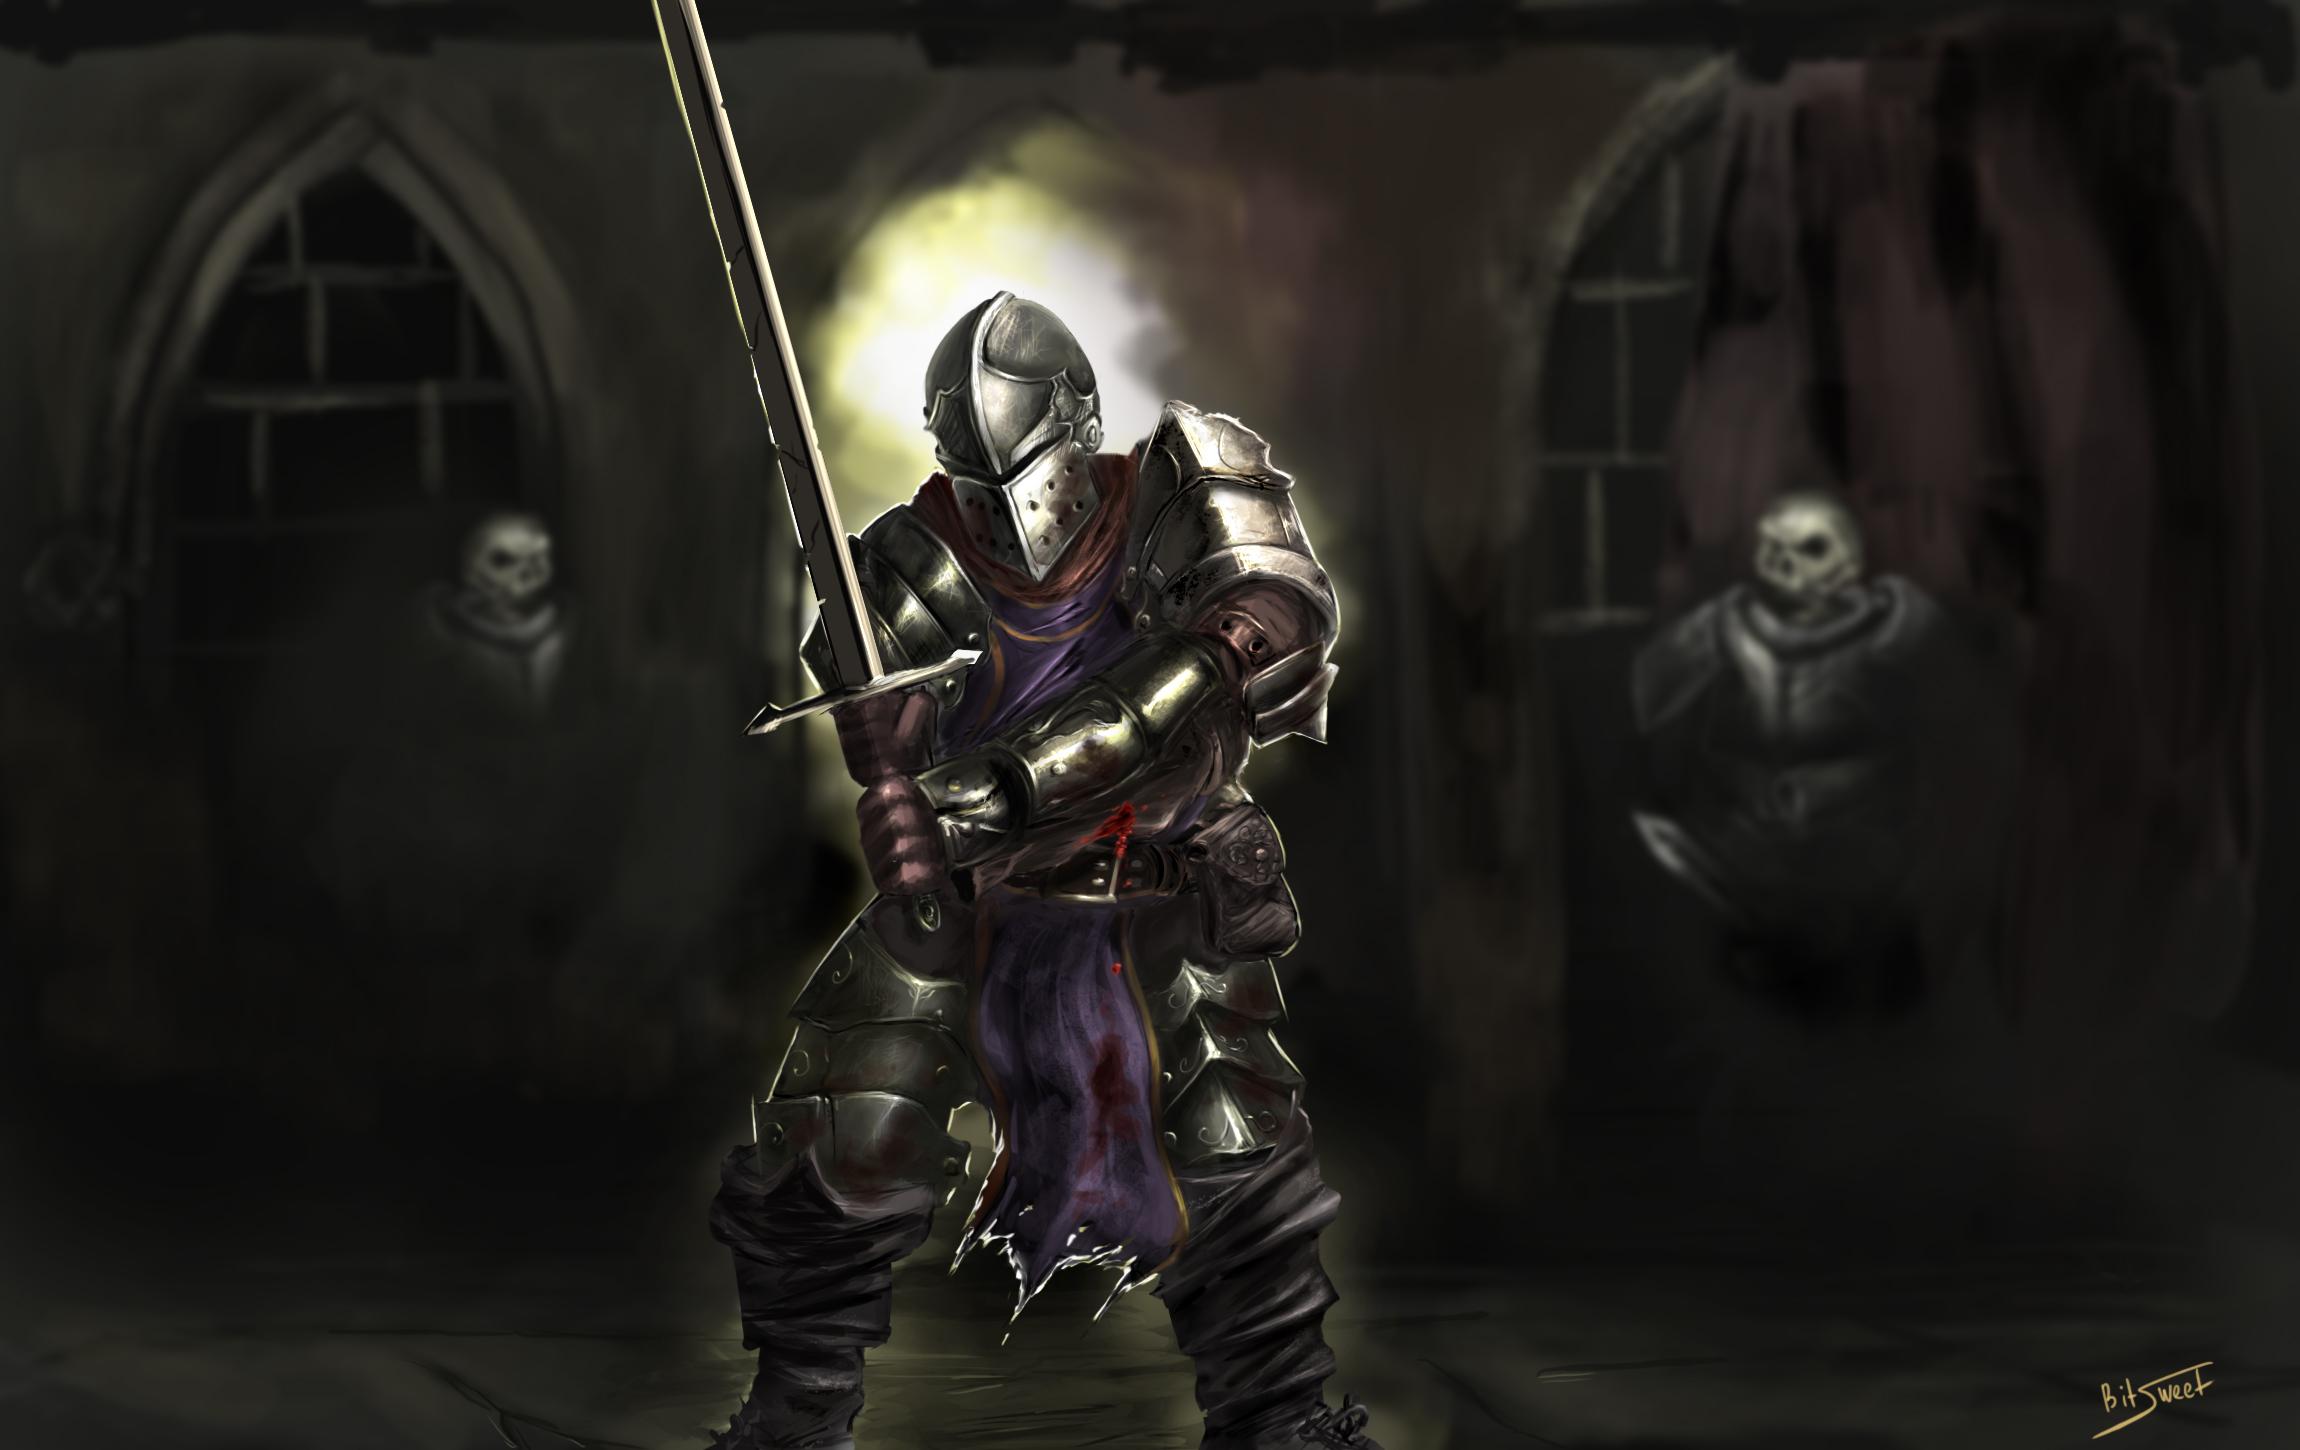 Crusader darkest dungeon by bitsweet d9esgfe